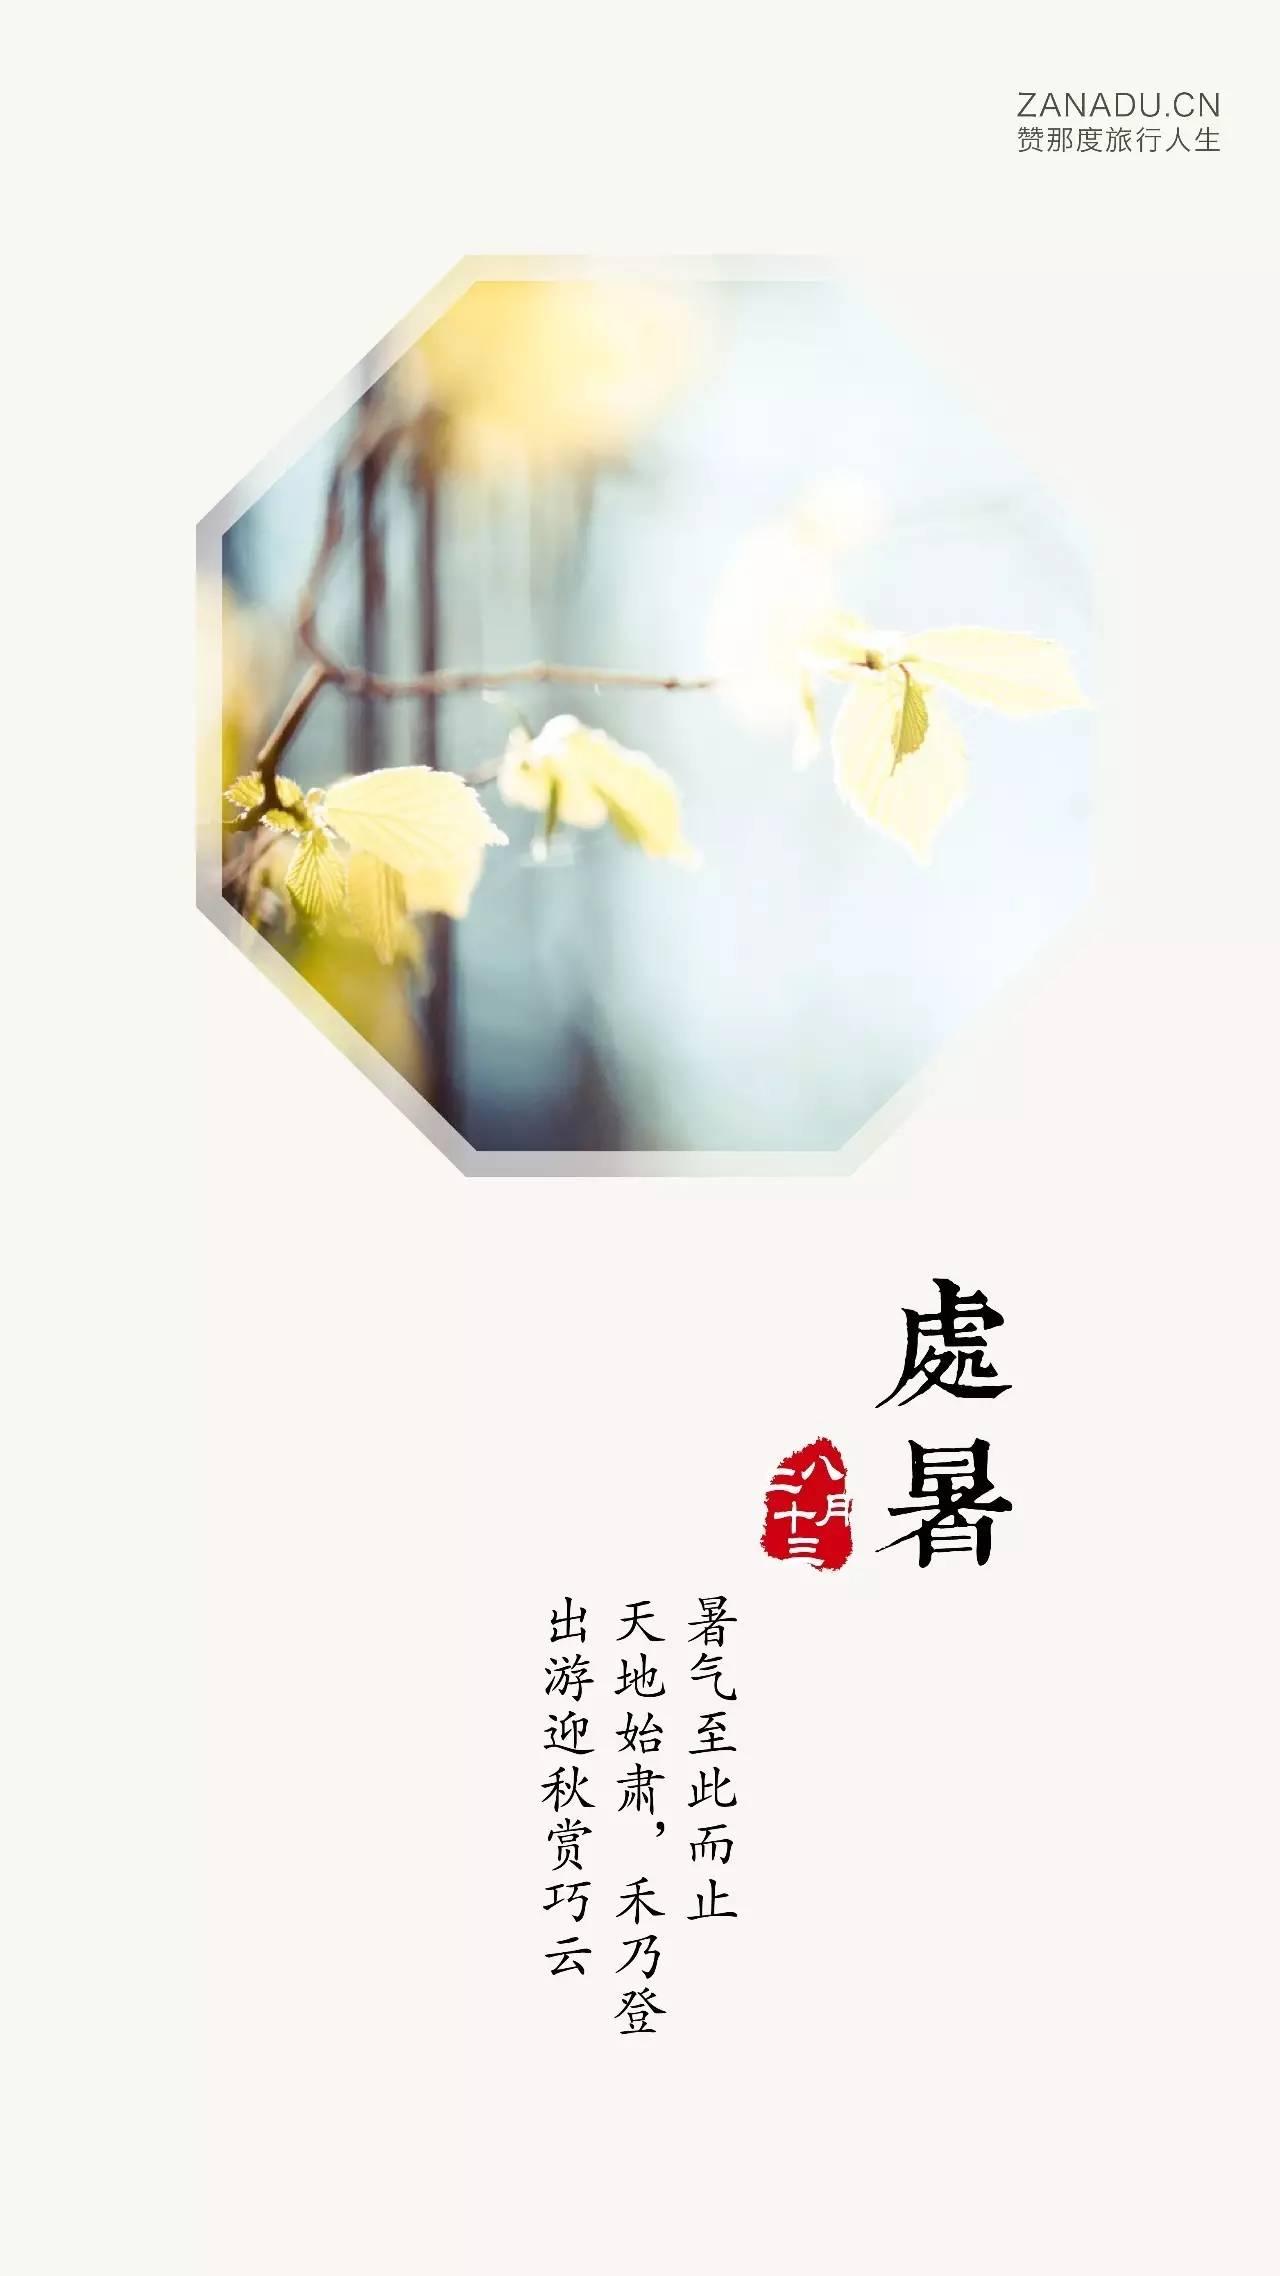 24节气申遗成功,中国人曾如此和谐地与自然相处!